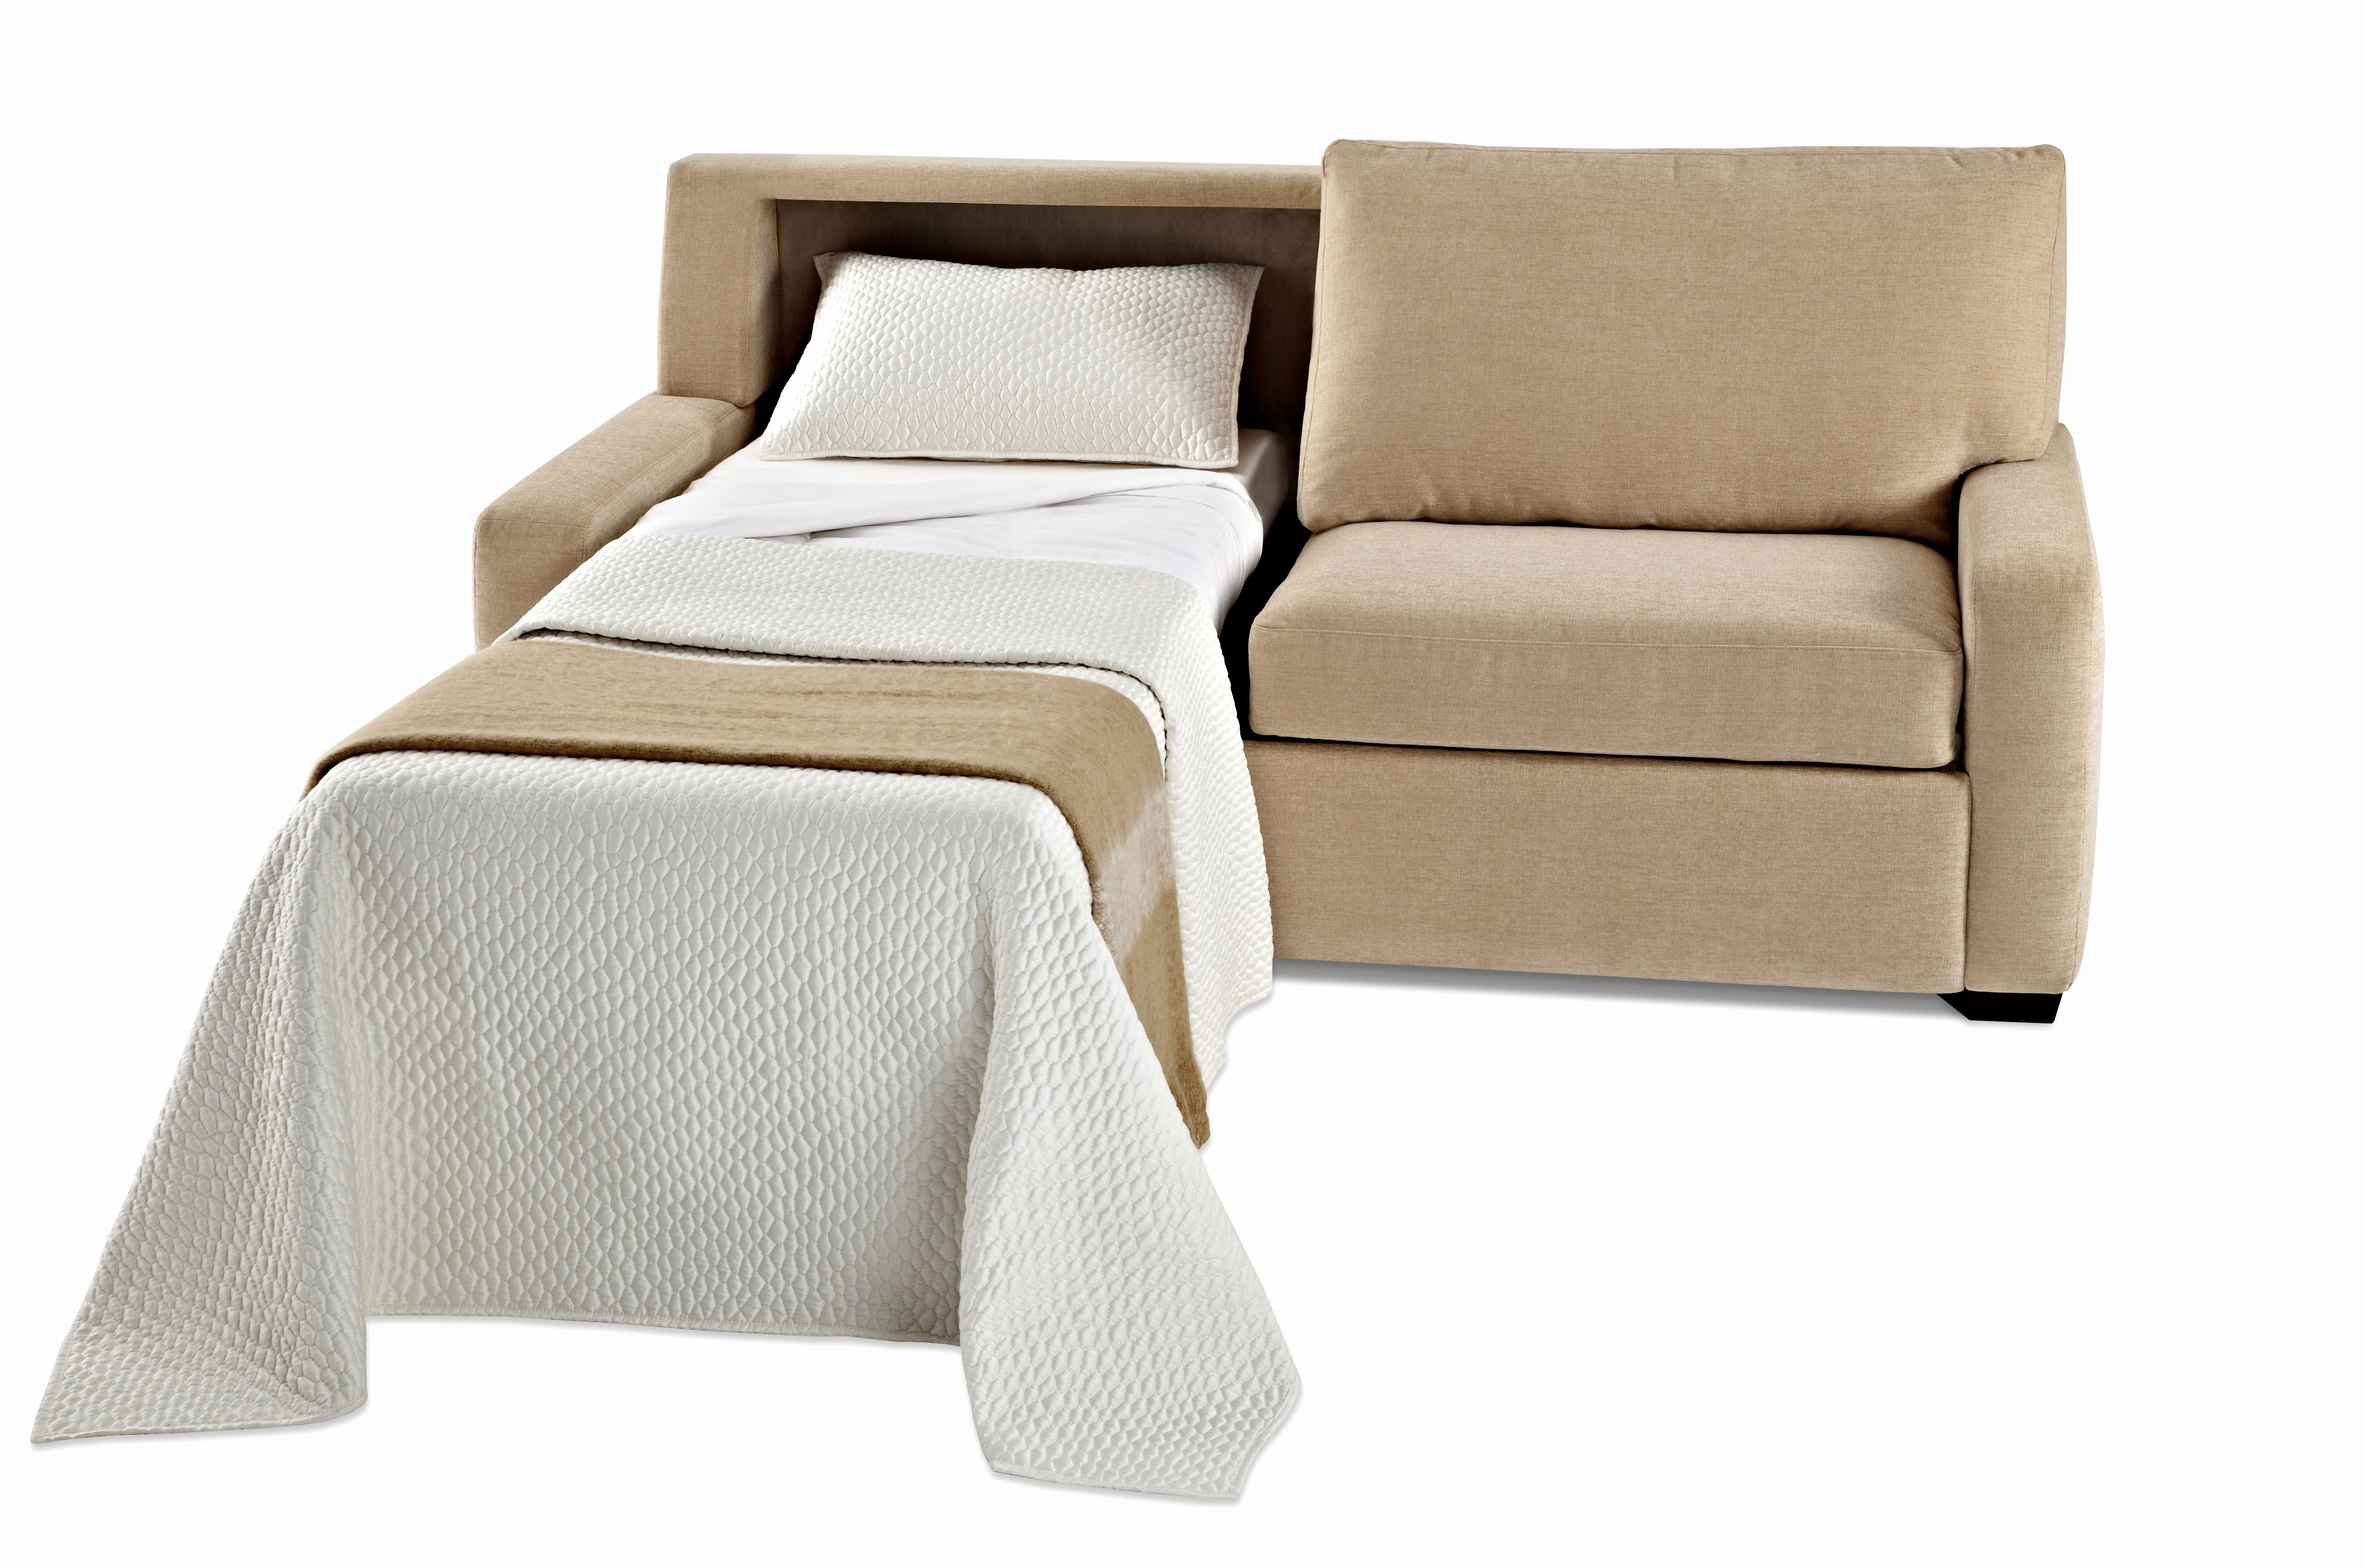 Fresh Jennifer Convertibles Sleeper Sofa Art Jennifer Convertibles